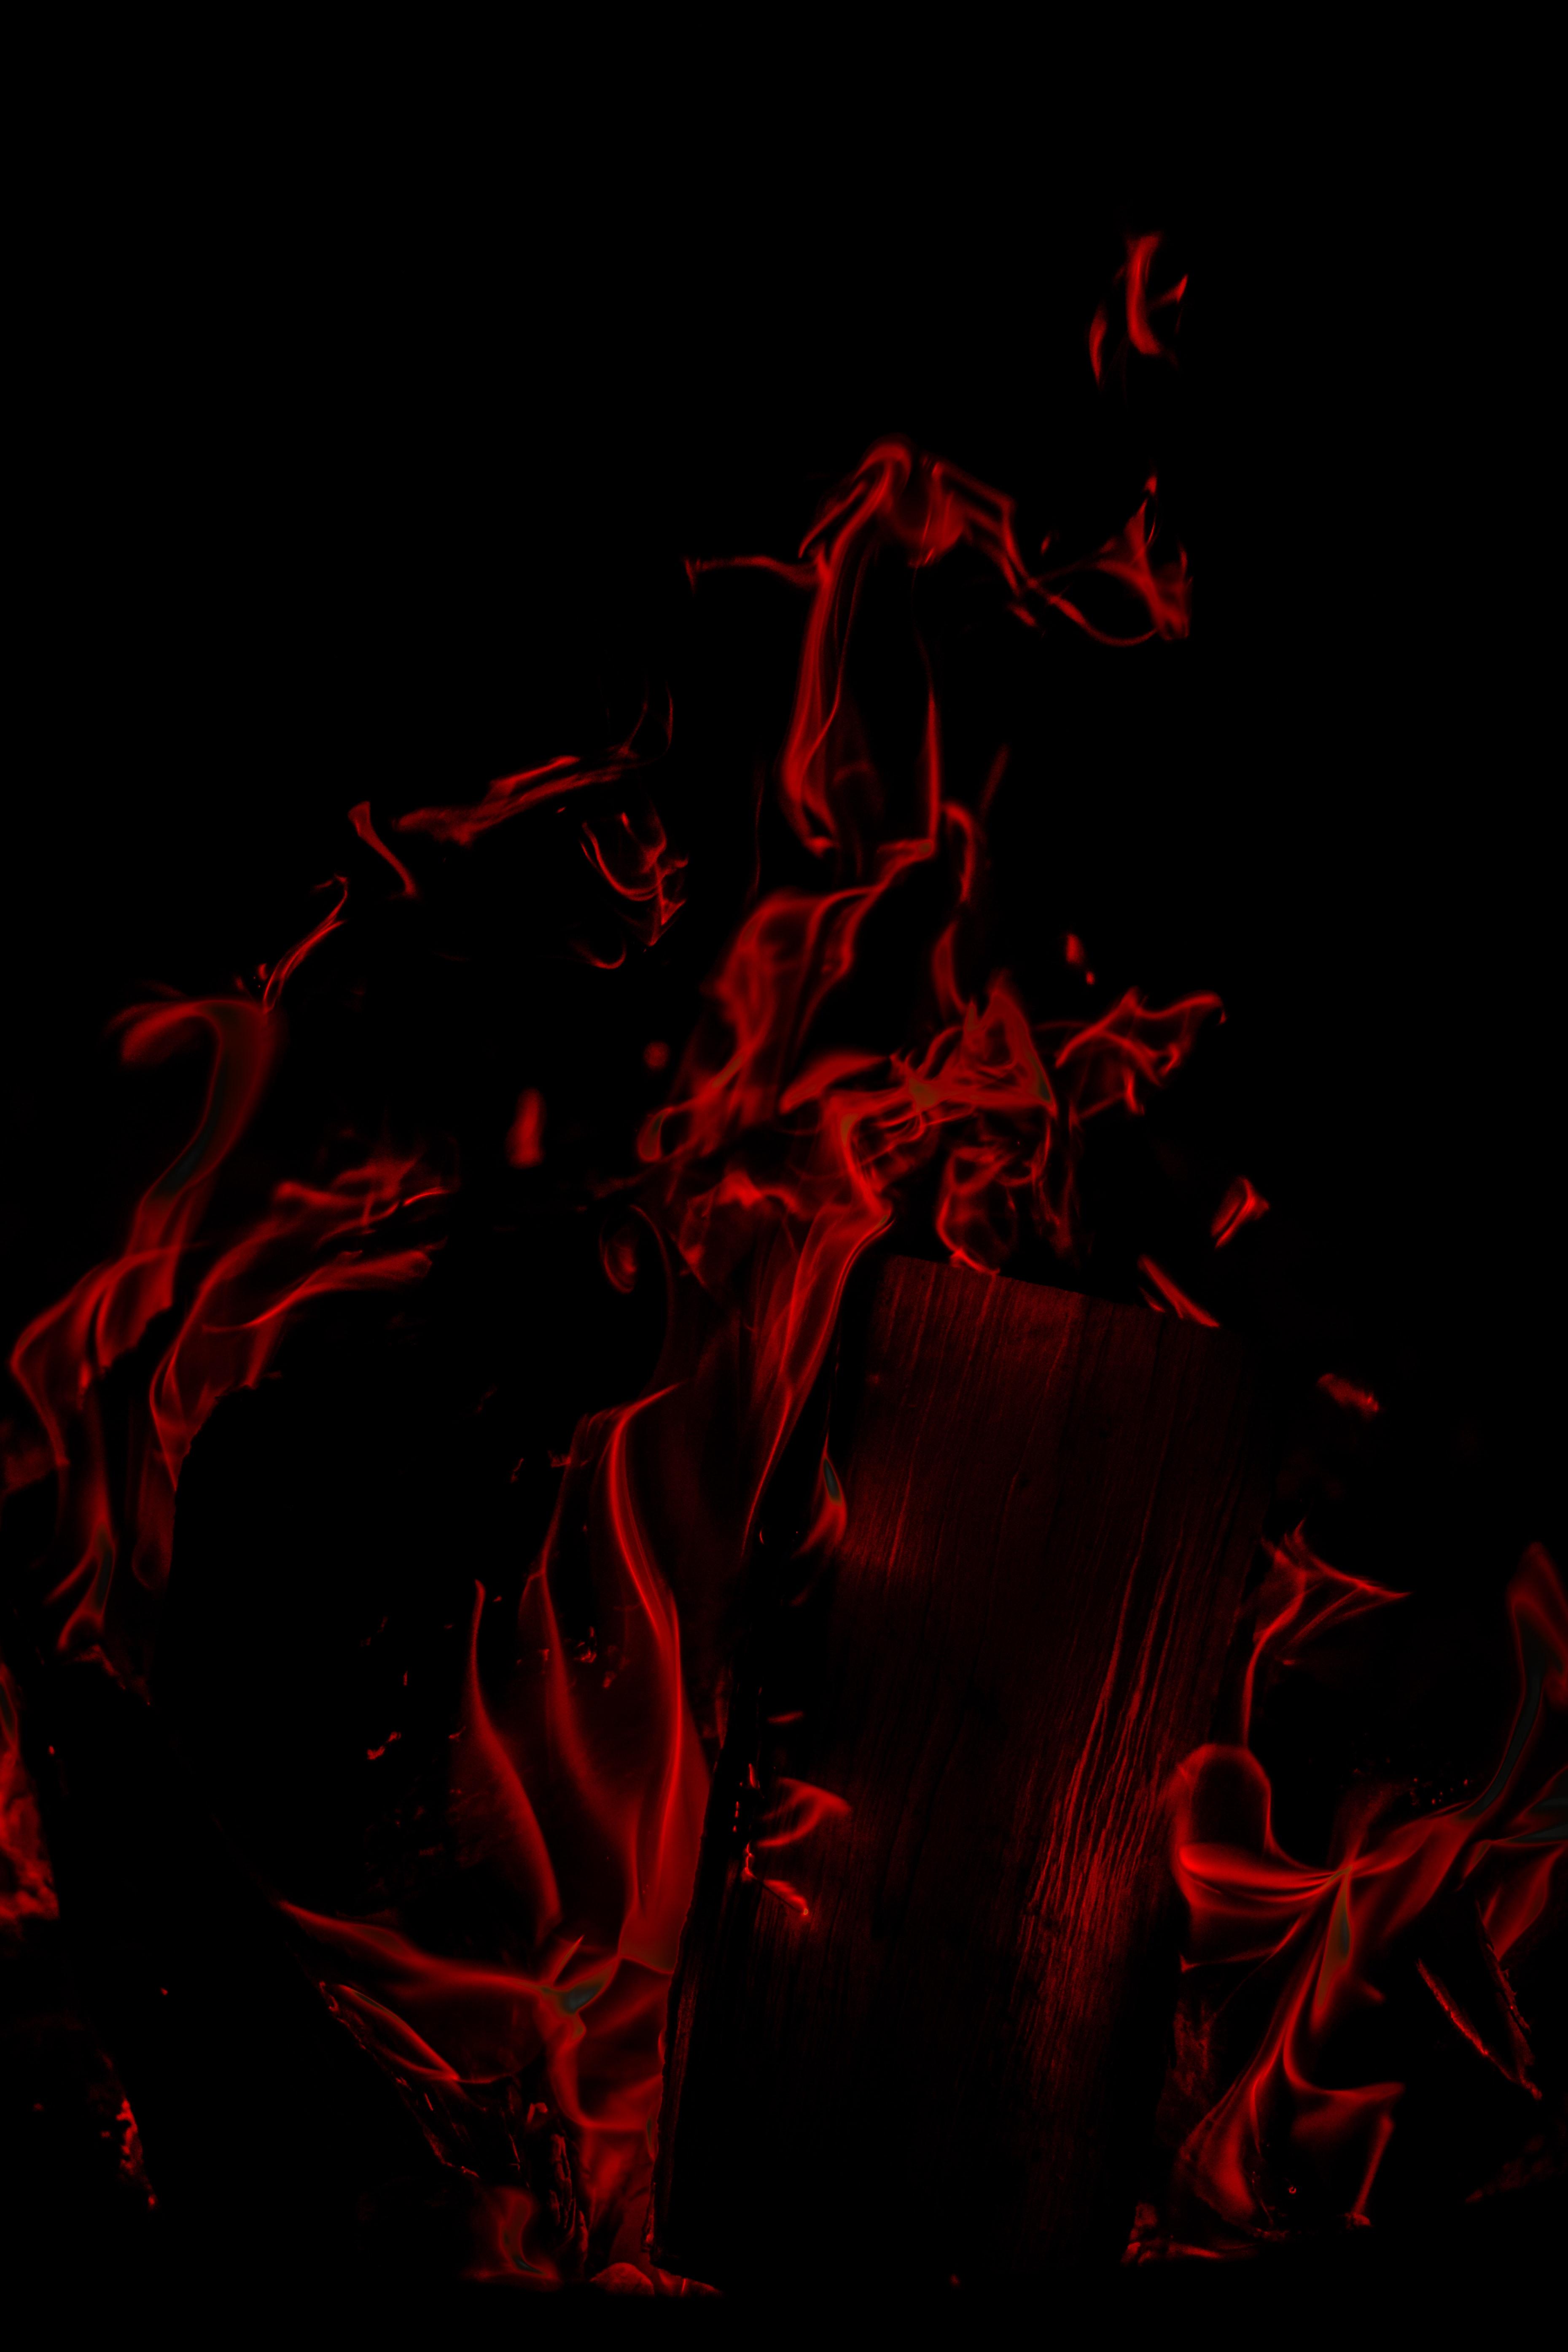 121727 免費下載壁紙 黑暗的, 黑暗, 火焰, 火, 红色的 屏保和圖片